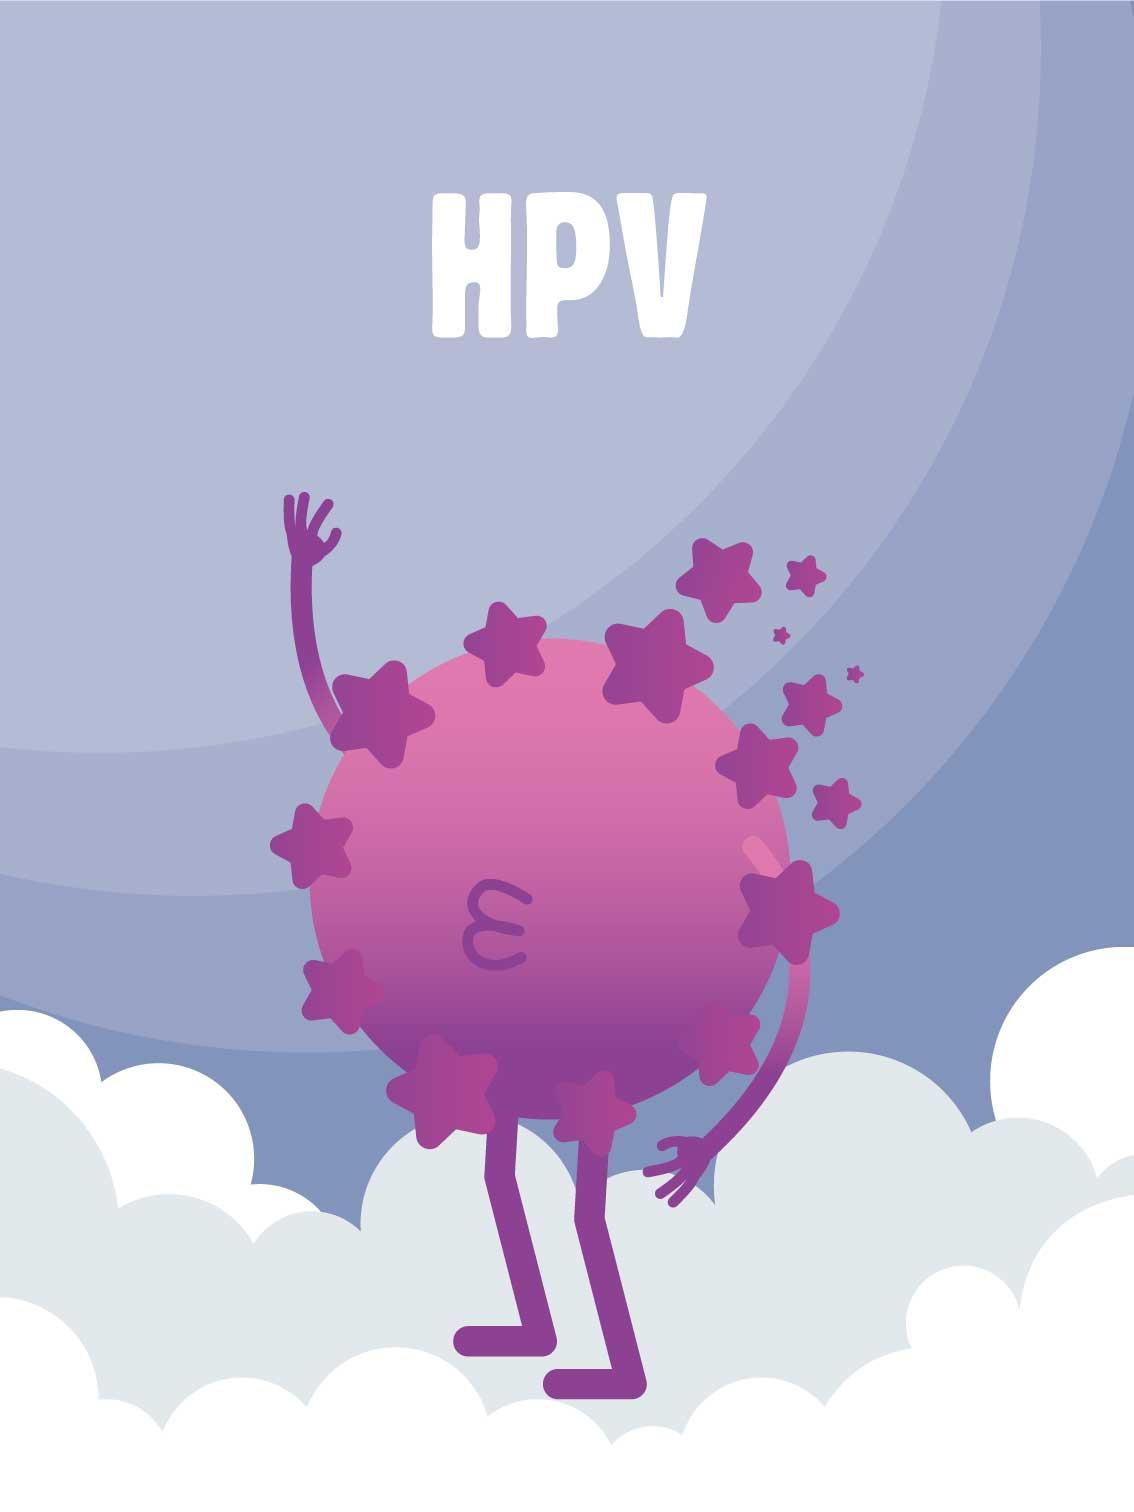 ist papillomavirus symptomes)